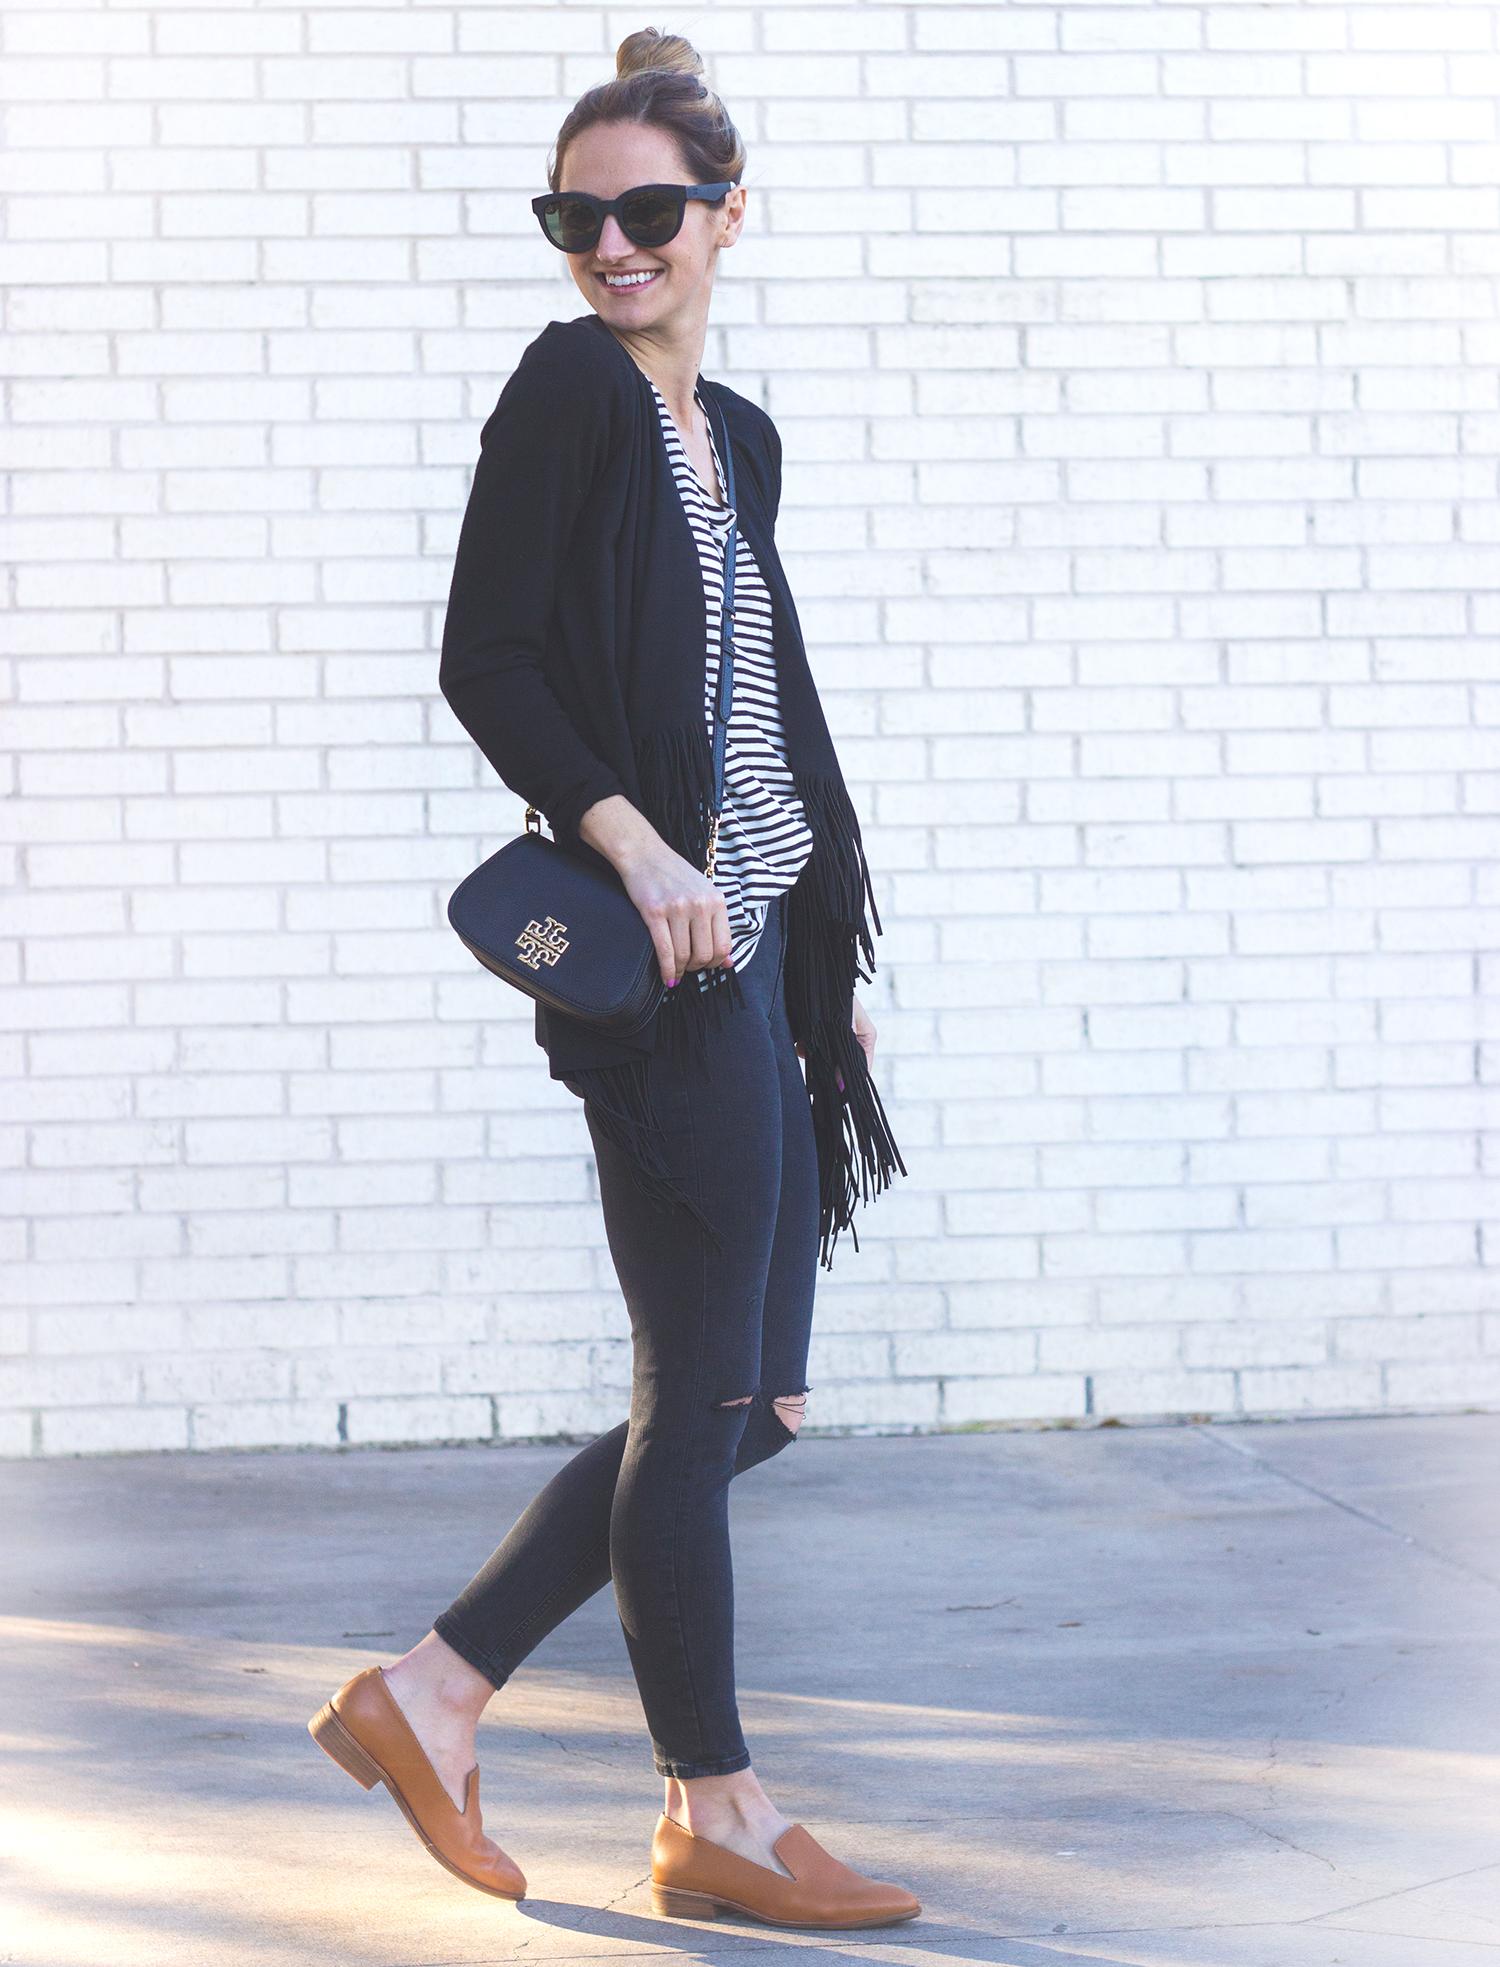 livvyland-blog-olivia-watson-austin-texas-fashion-blogger-tory-burch-britten-crossbody-bag-black-logo-far-fetch-madewell-tan-loafers-8